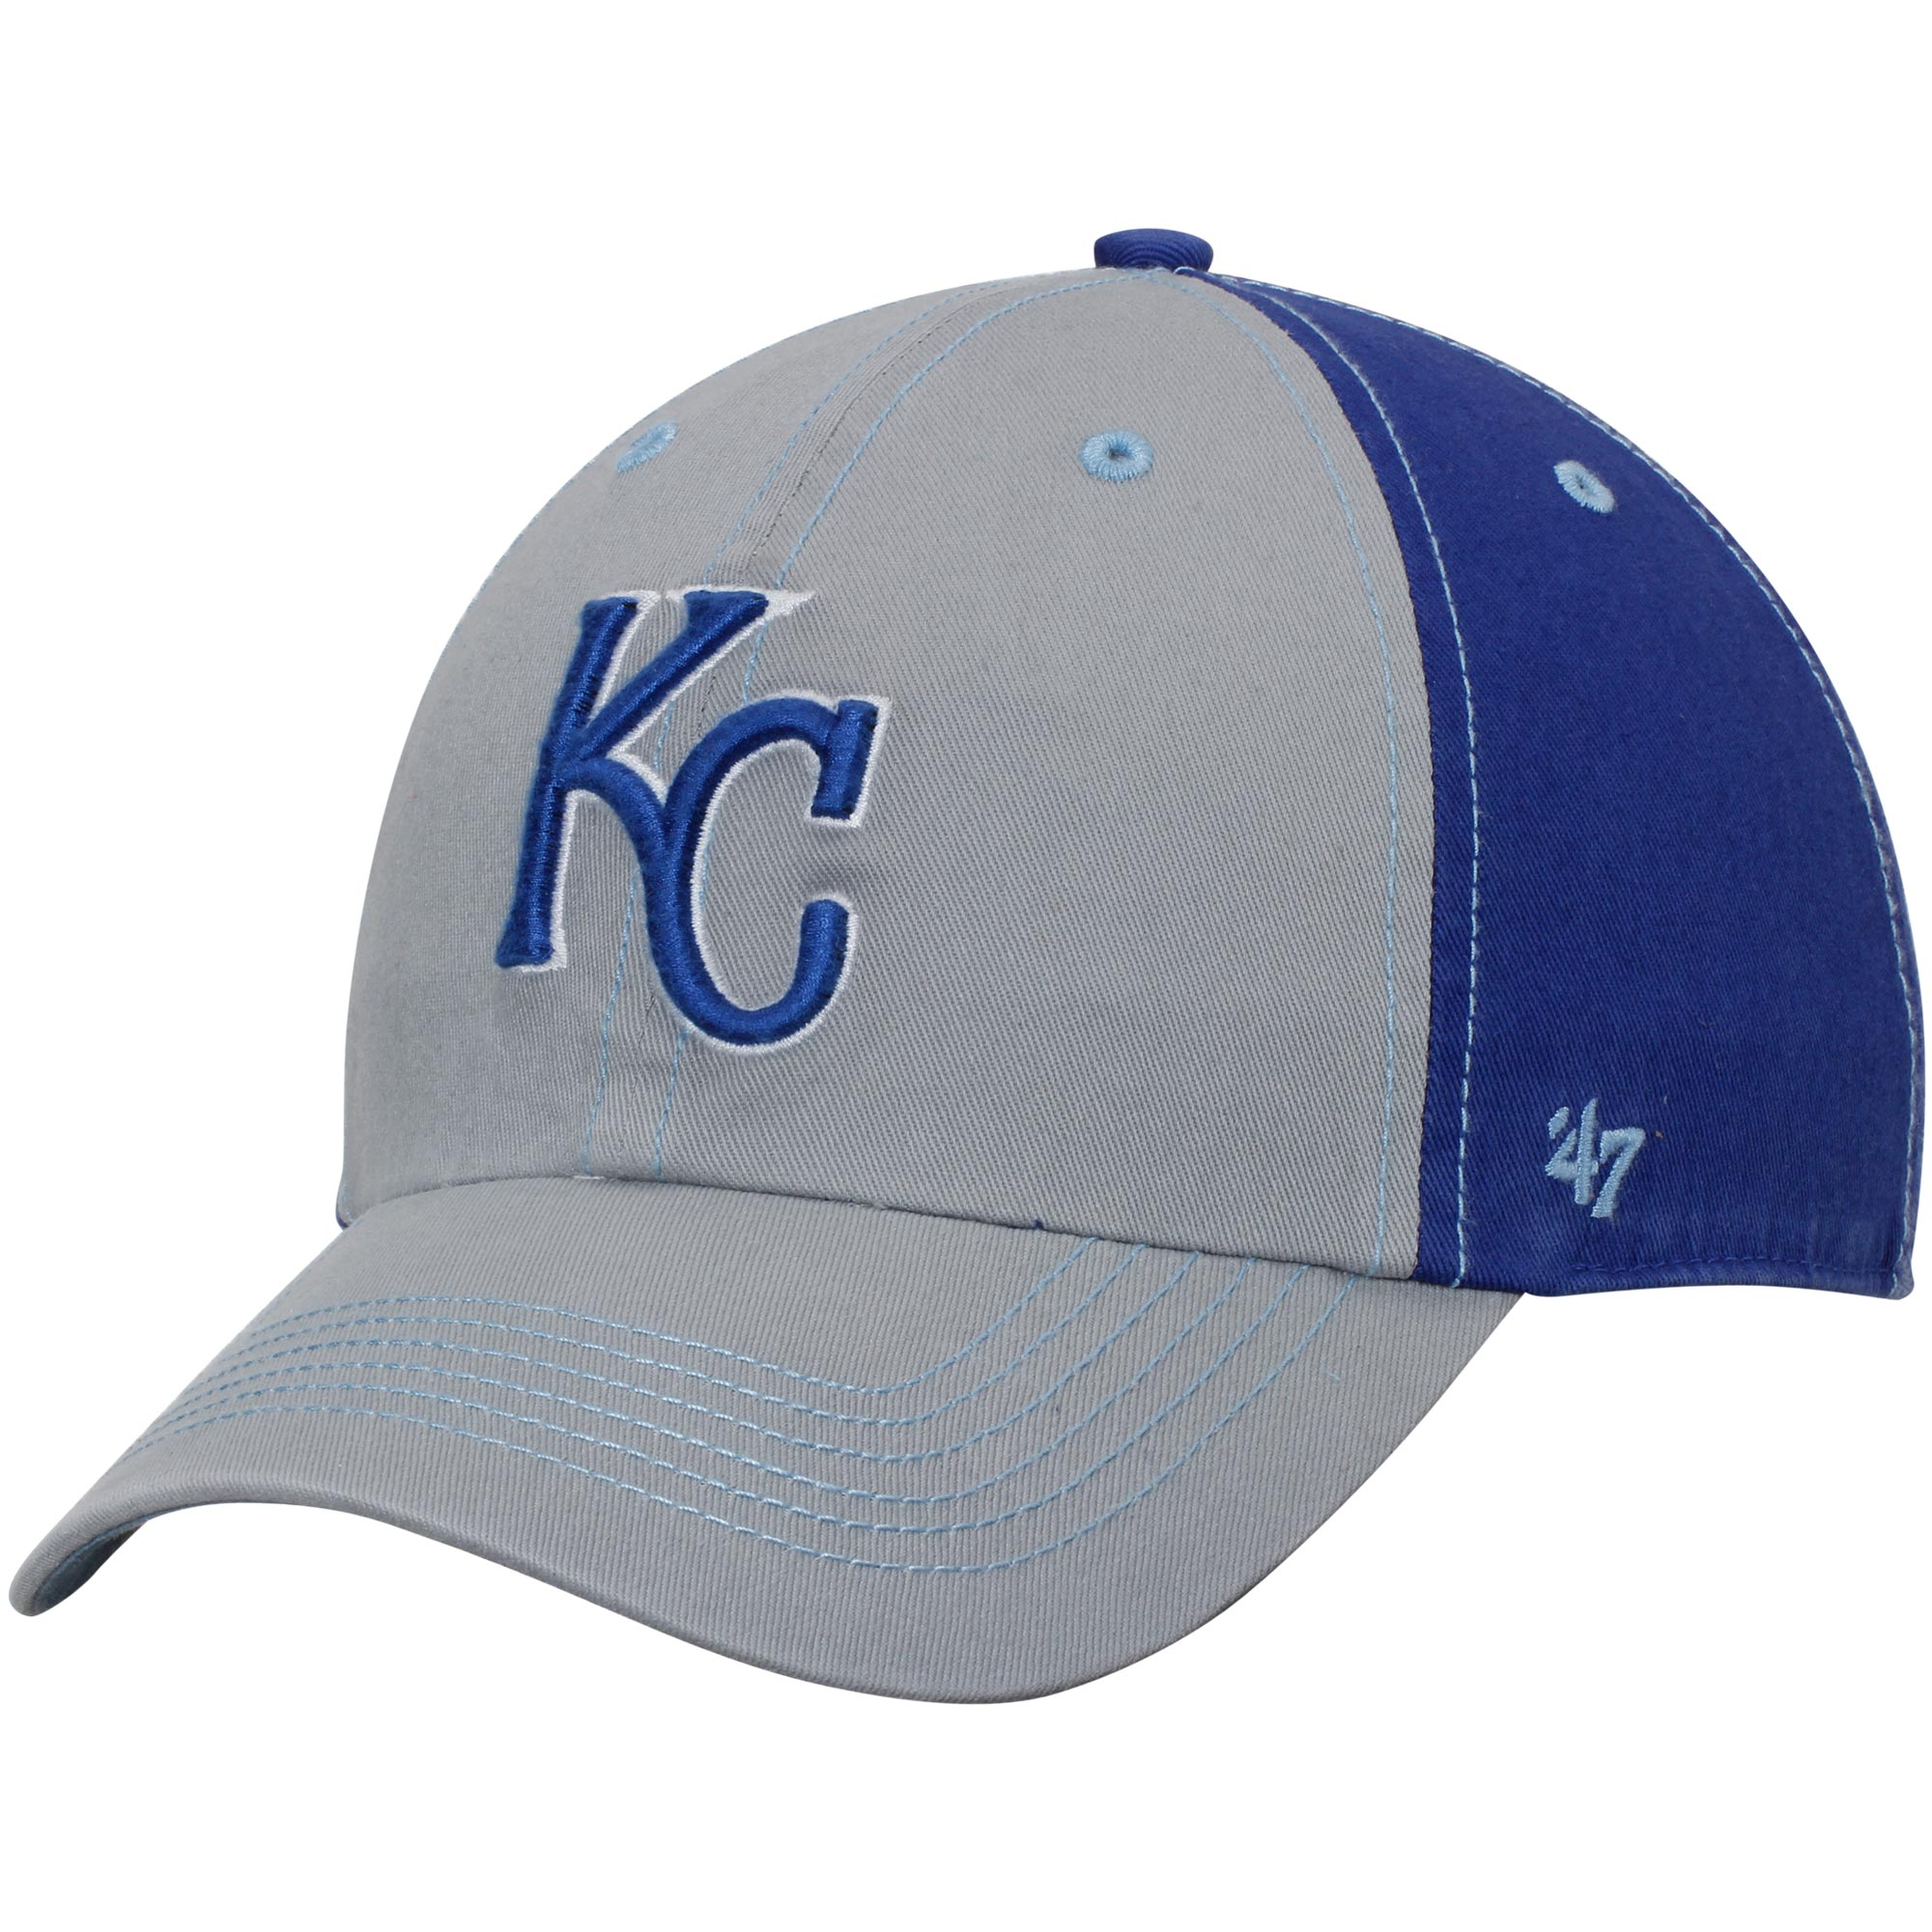 Kansas City Royals '47 Tumult Clean-Up Adjustable Hat - Gray/Royal - No Size